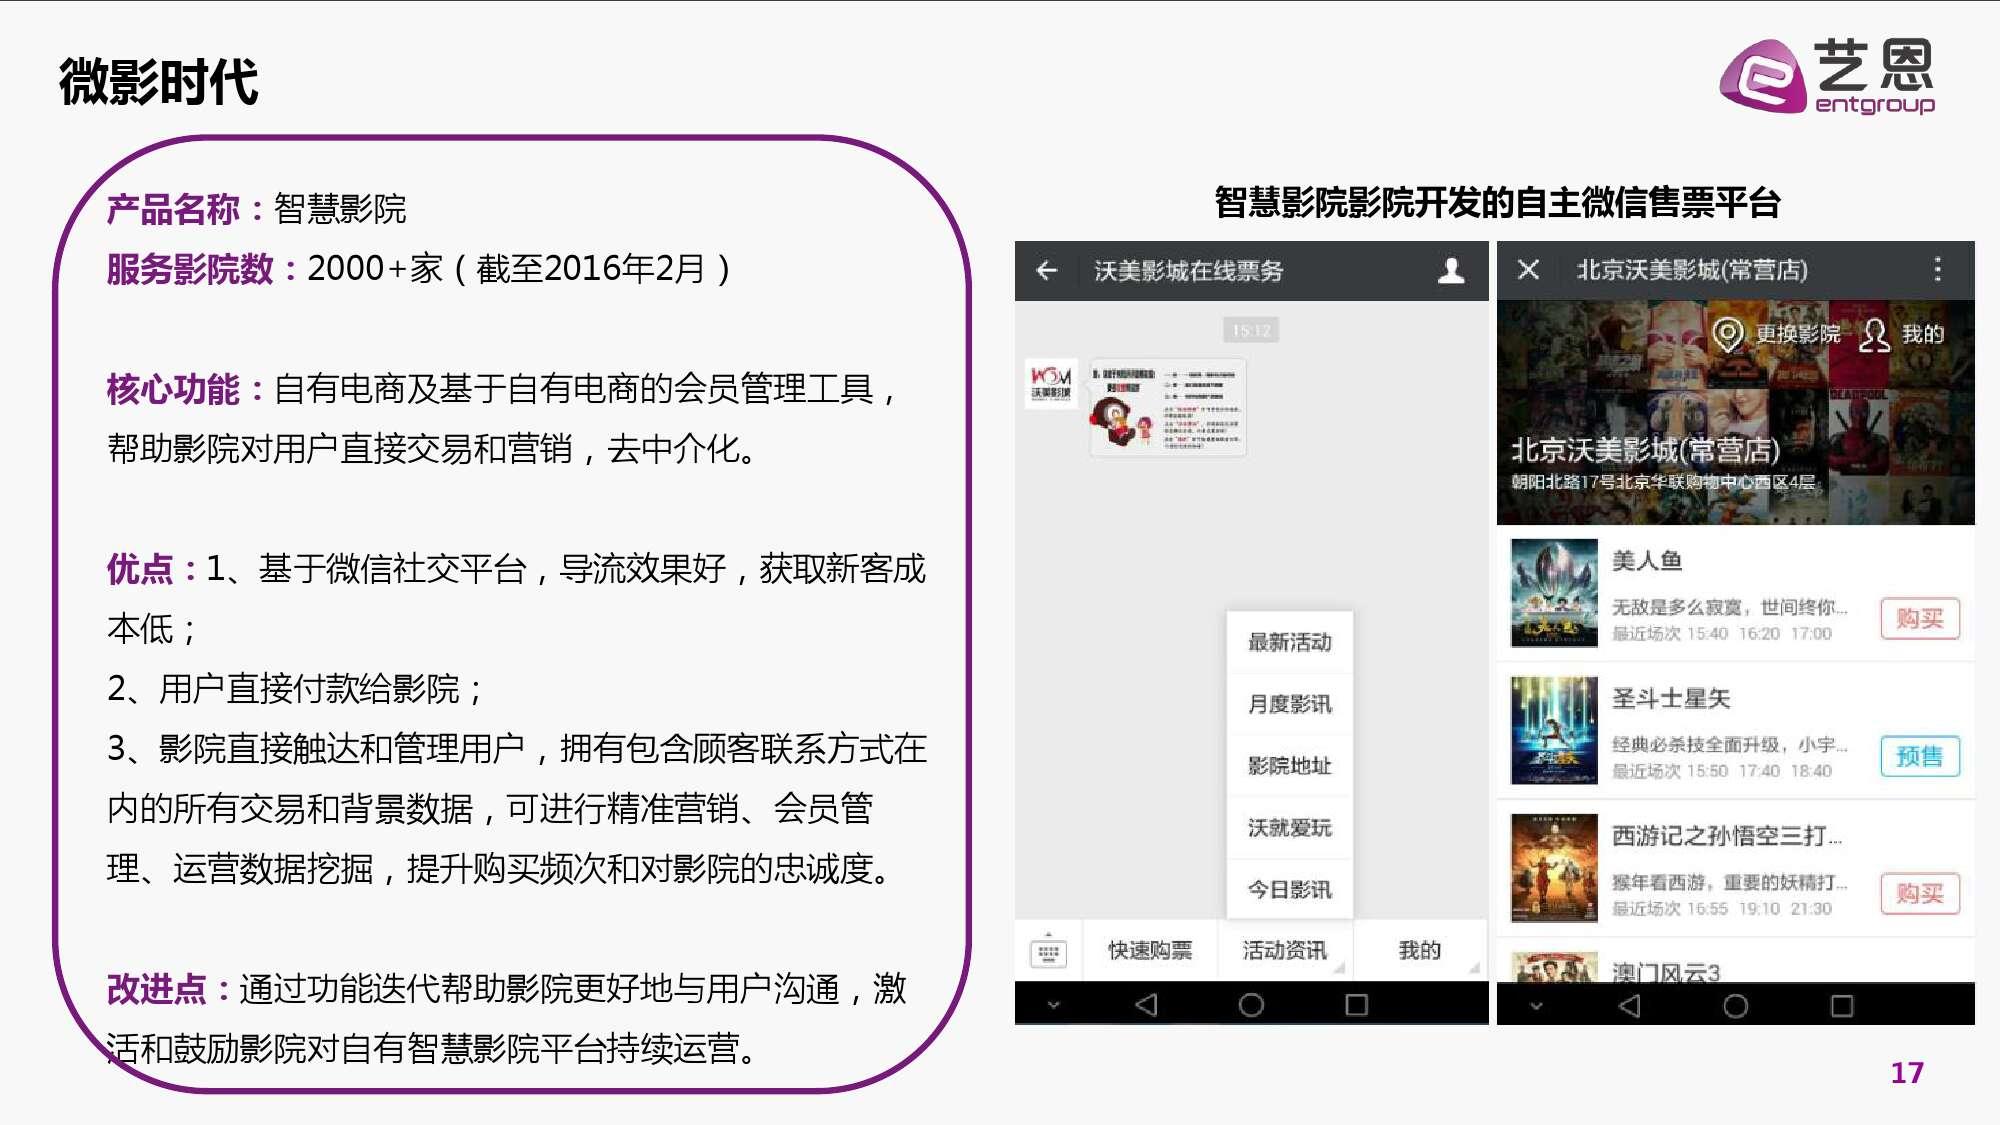 2016年中国电影在线票务市场研究报告_000017